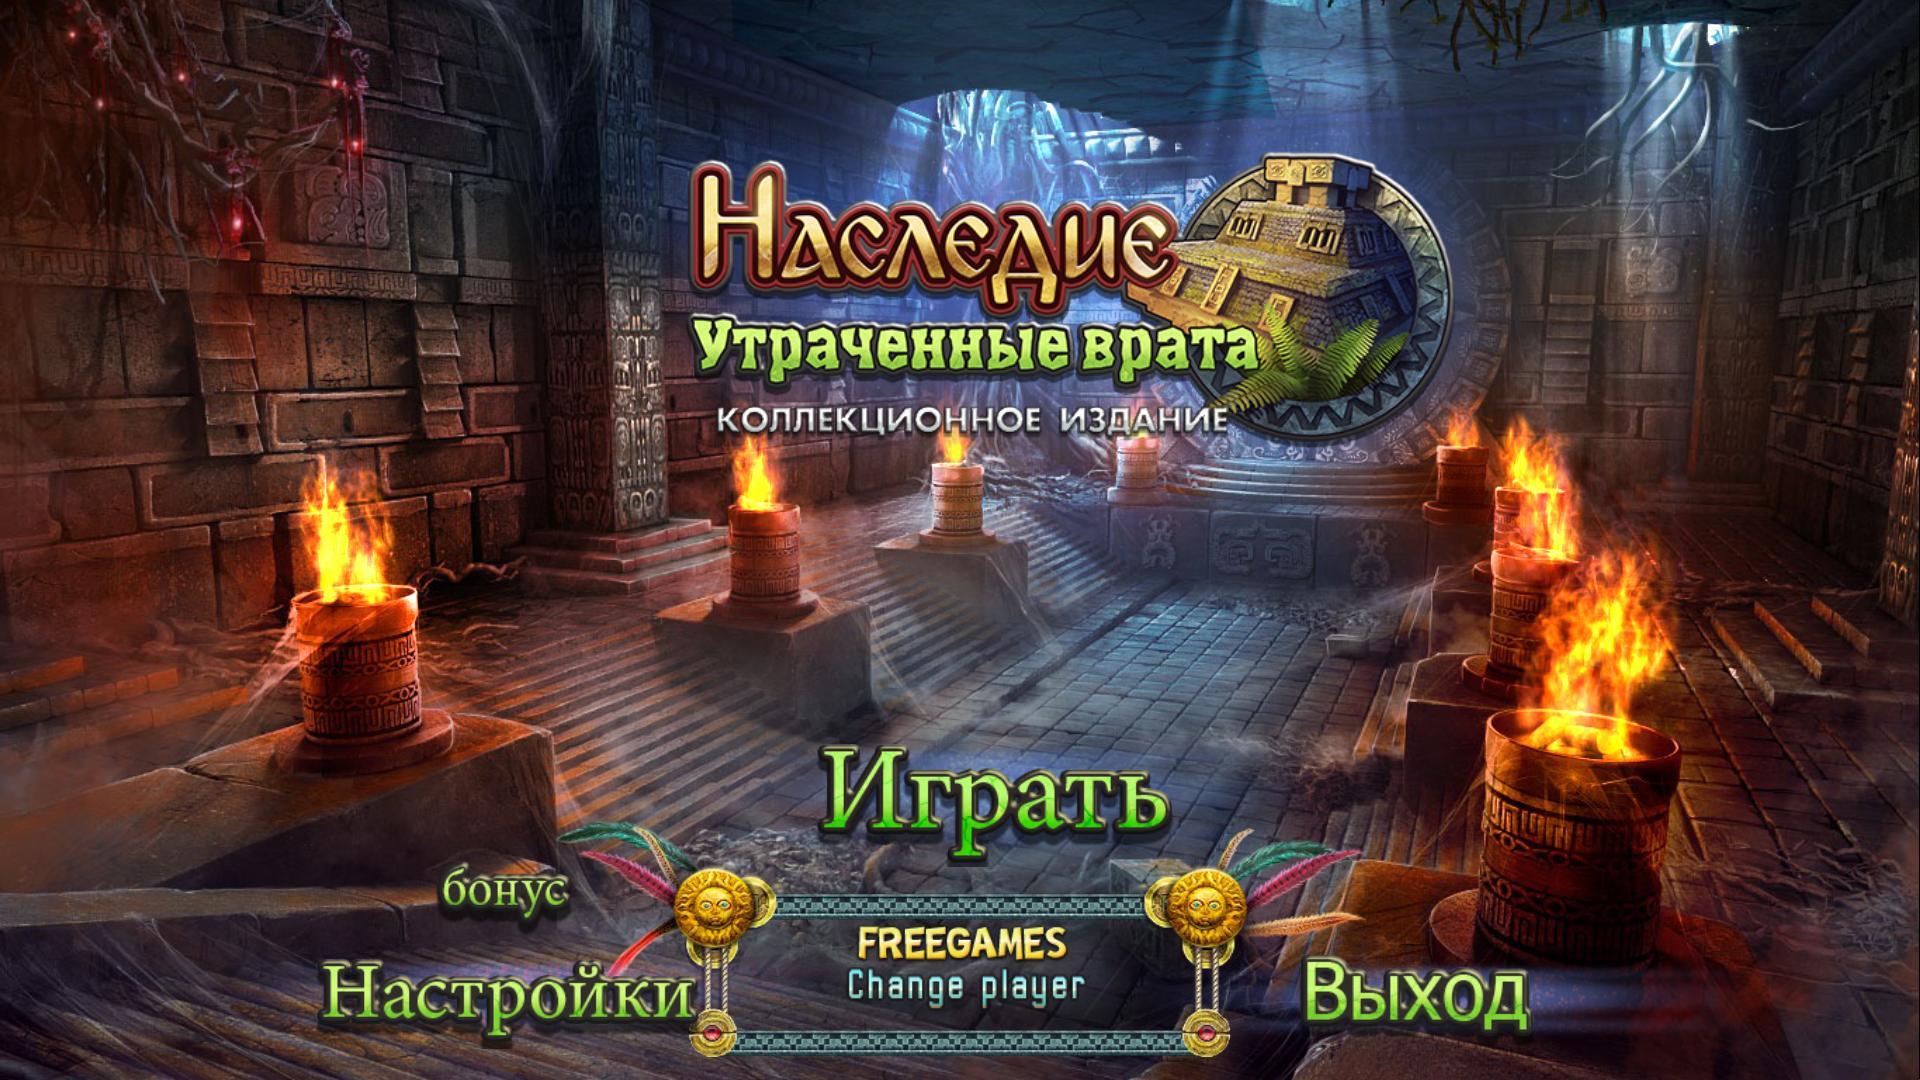 Наследие: Утраченные врата. Коллекционное издание | The Legacy: Forgotten Gates CE (Rus)